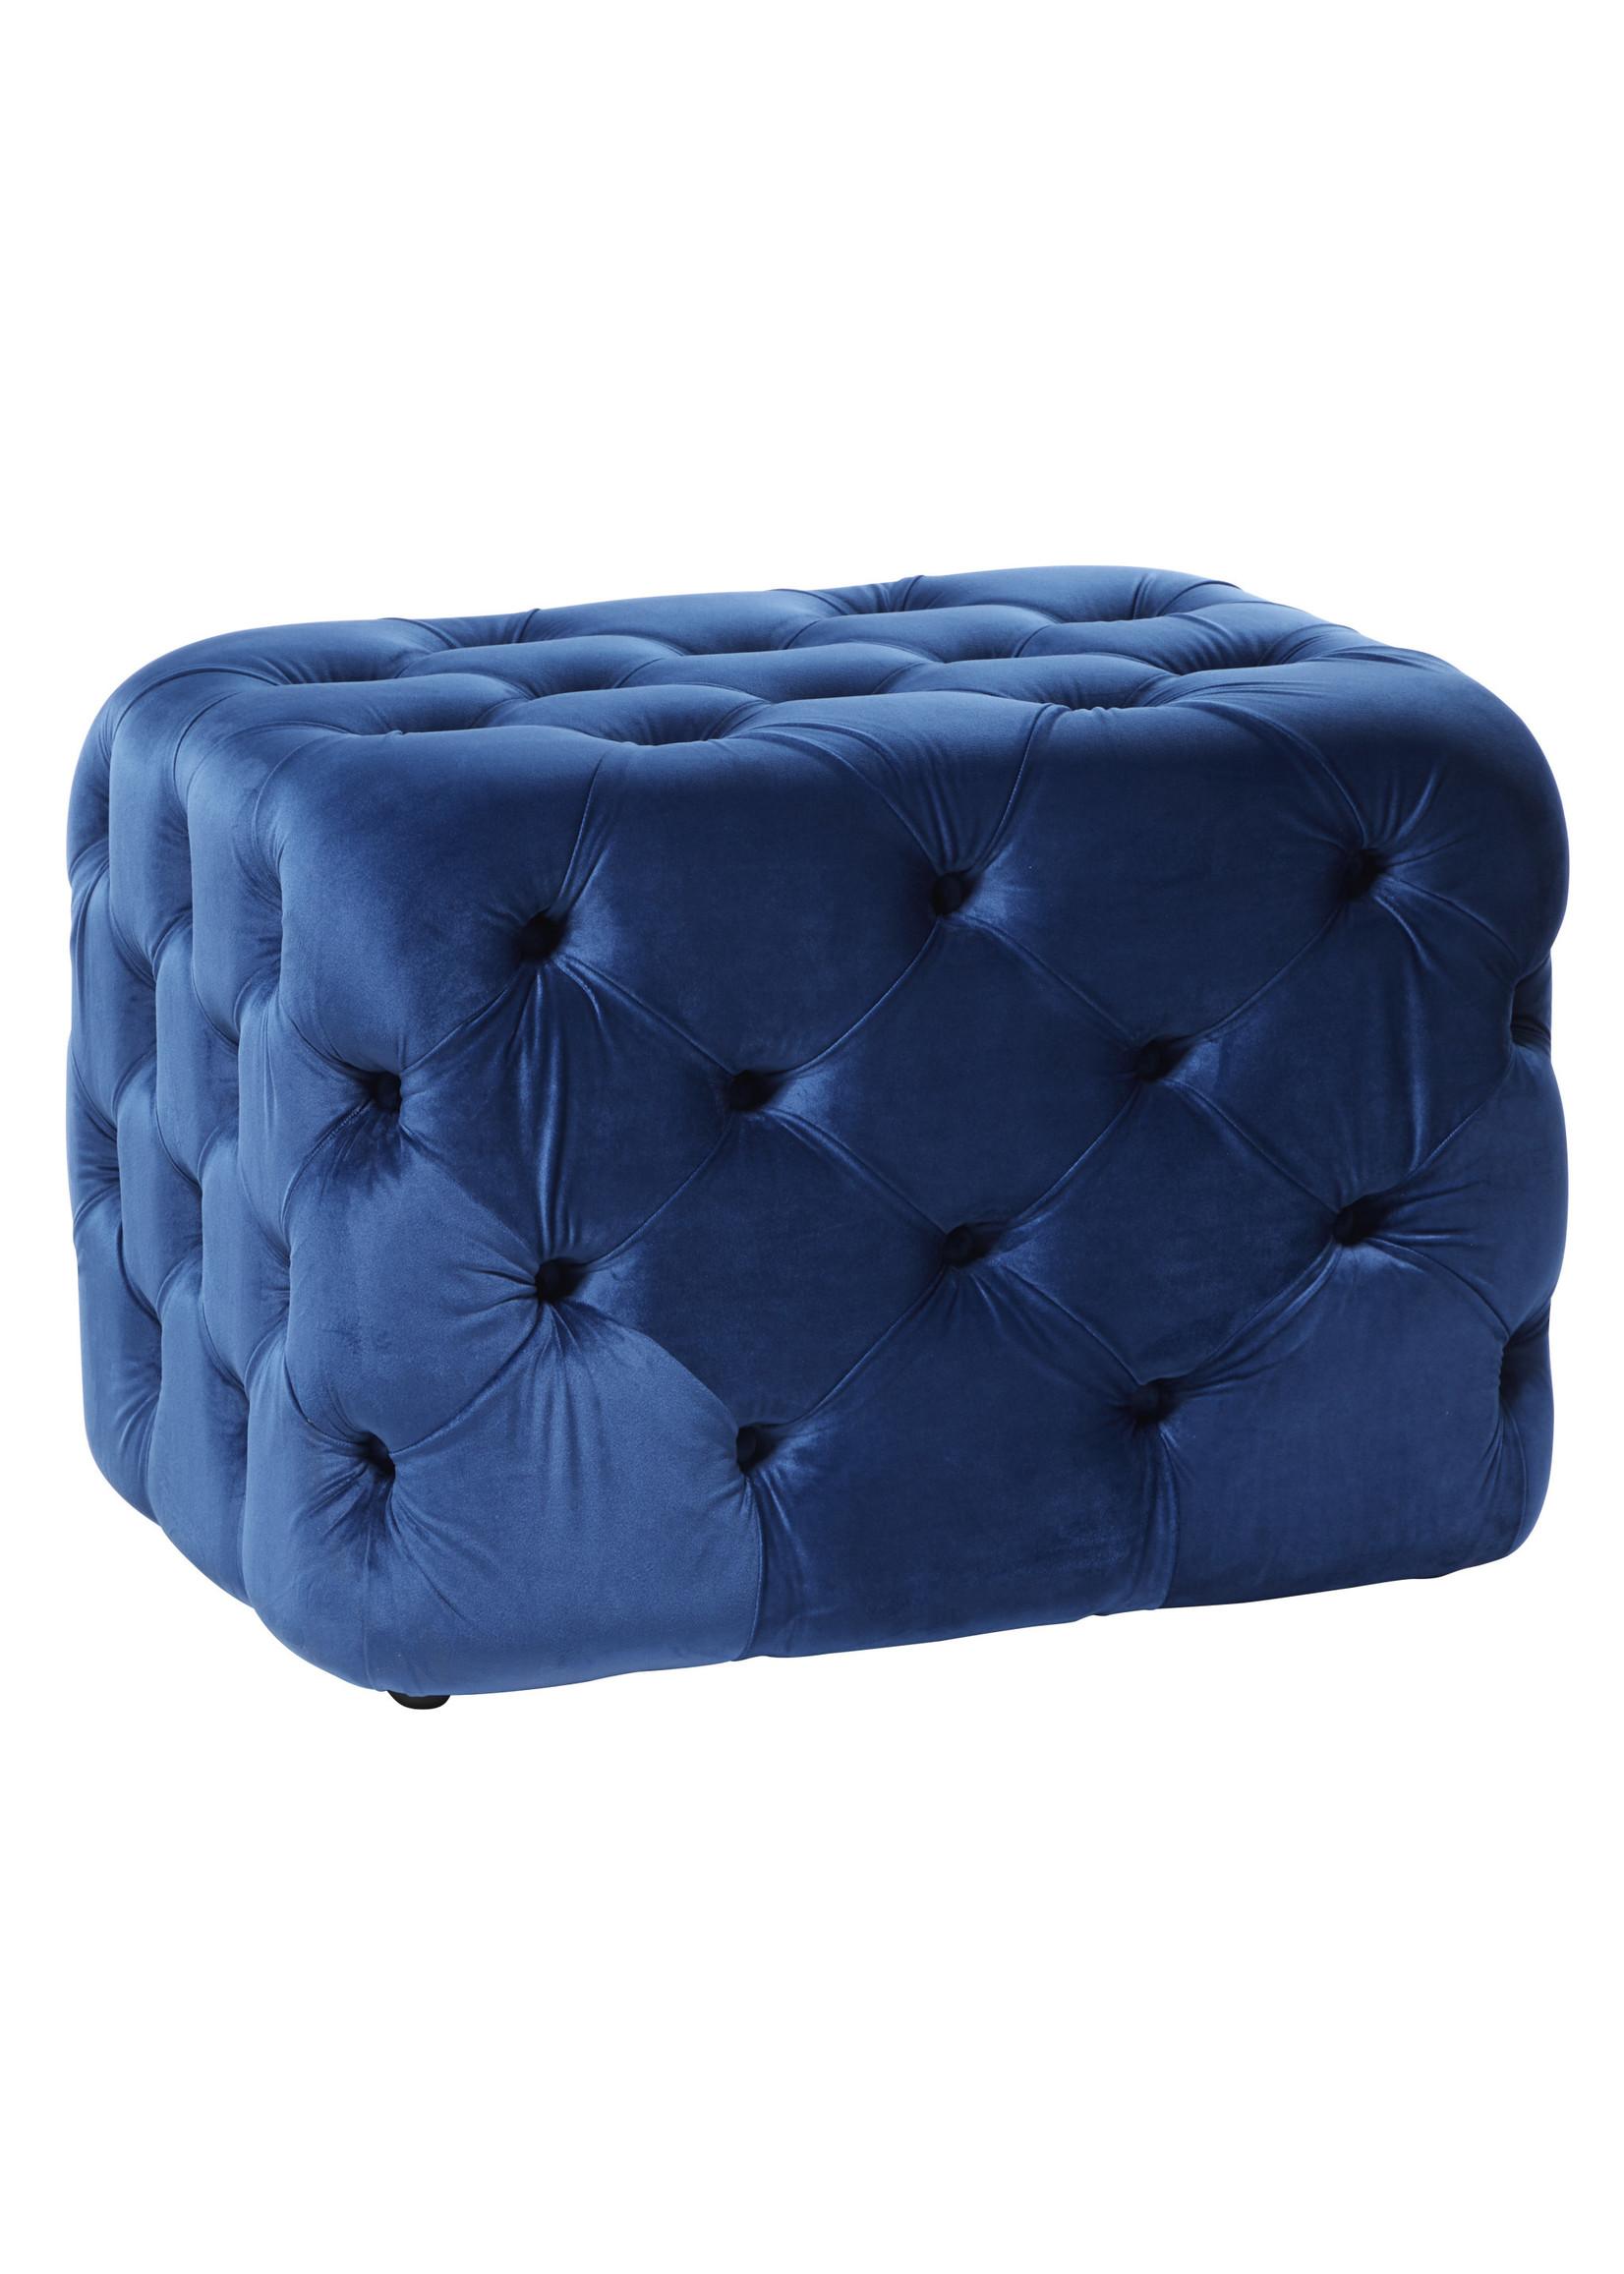 UMA Enterprises UMA INC Blue Velvet Ottoman